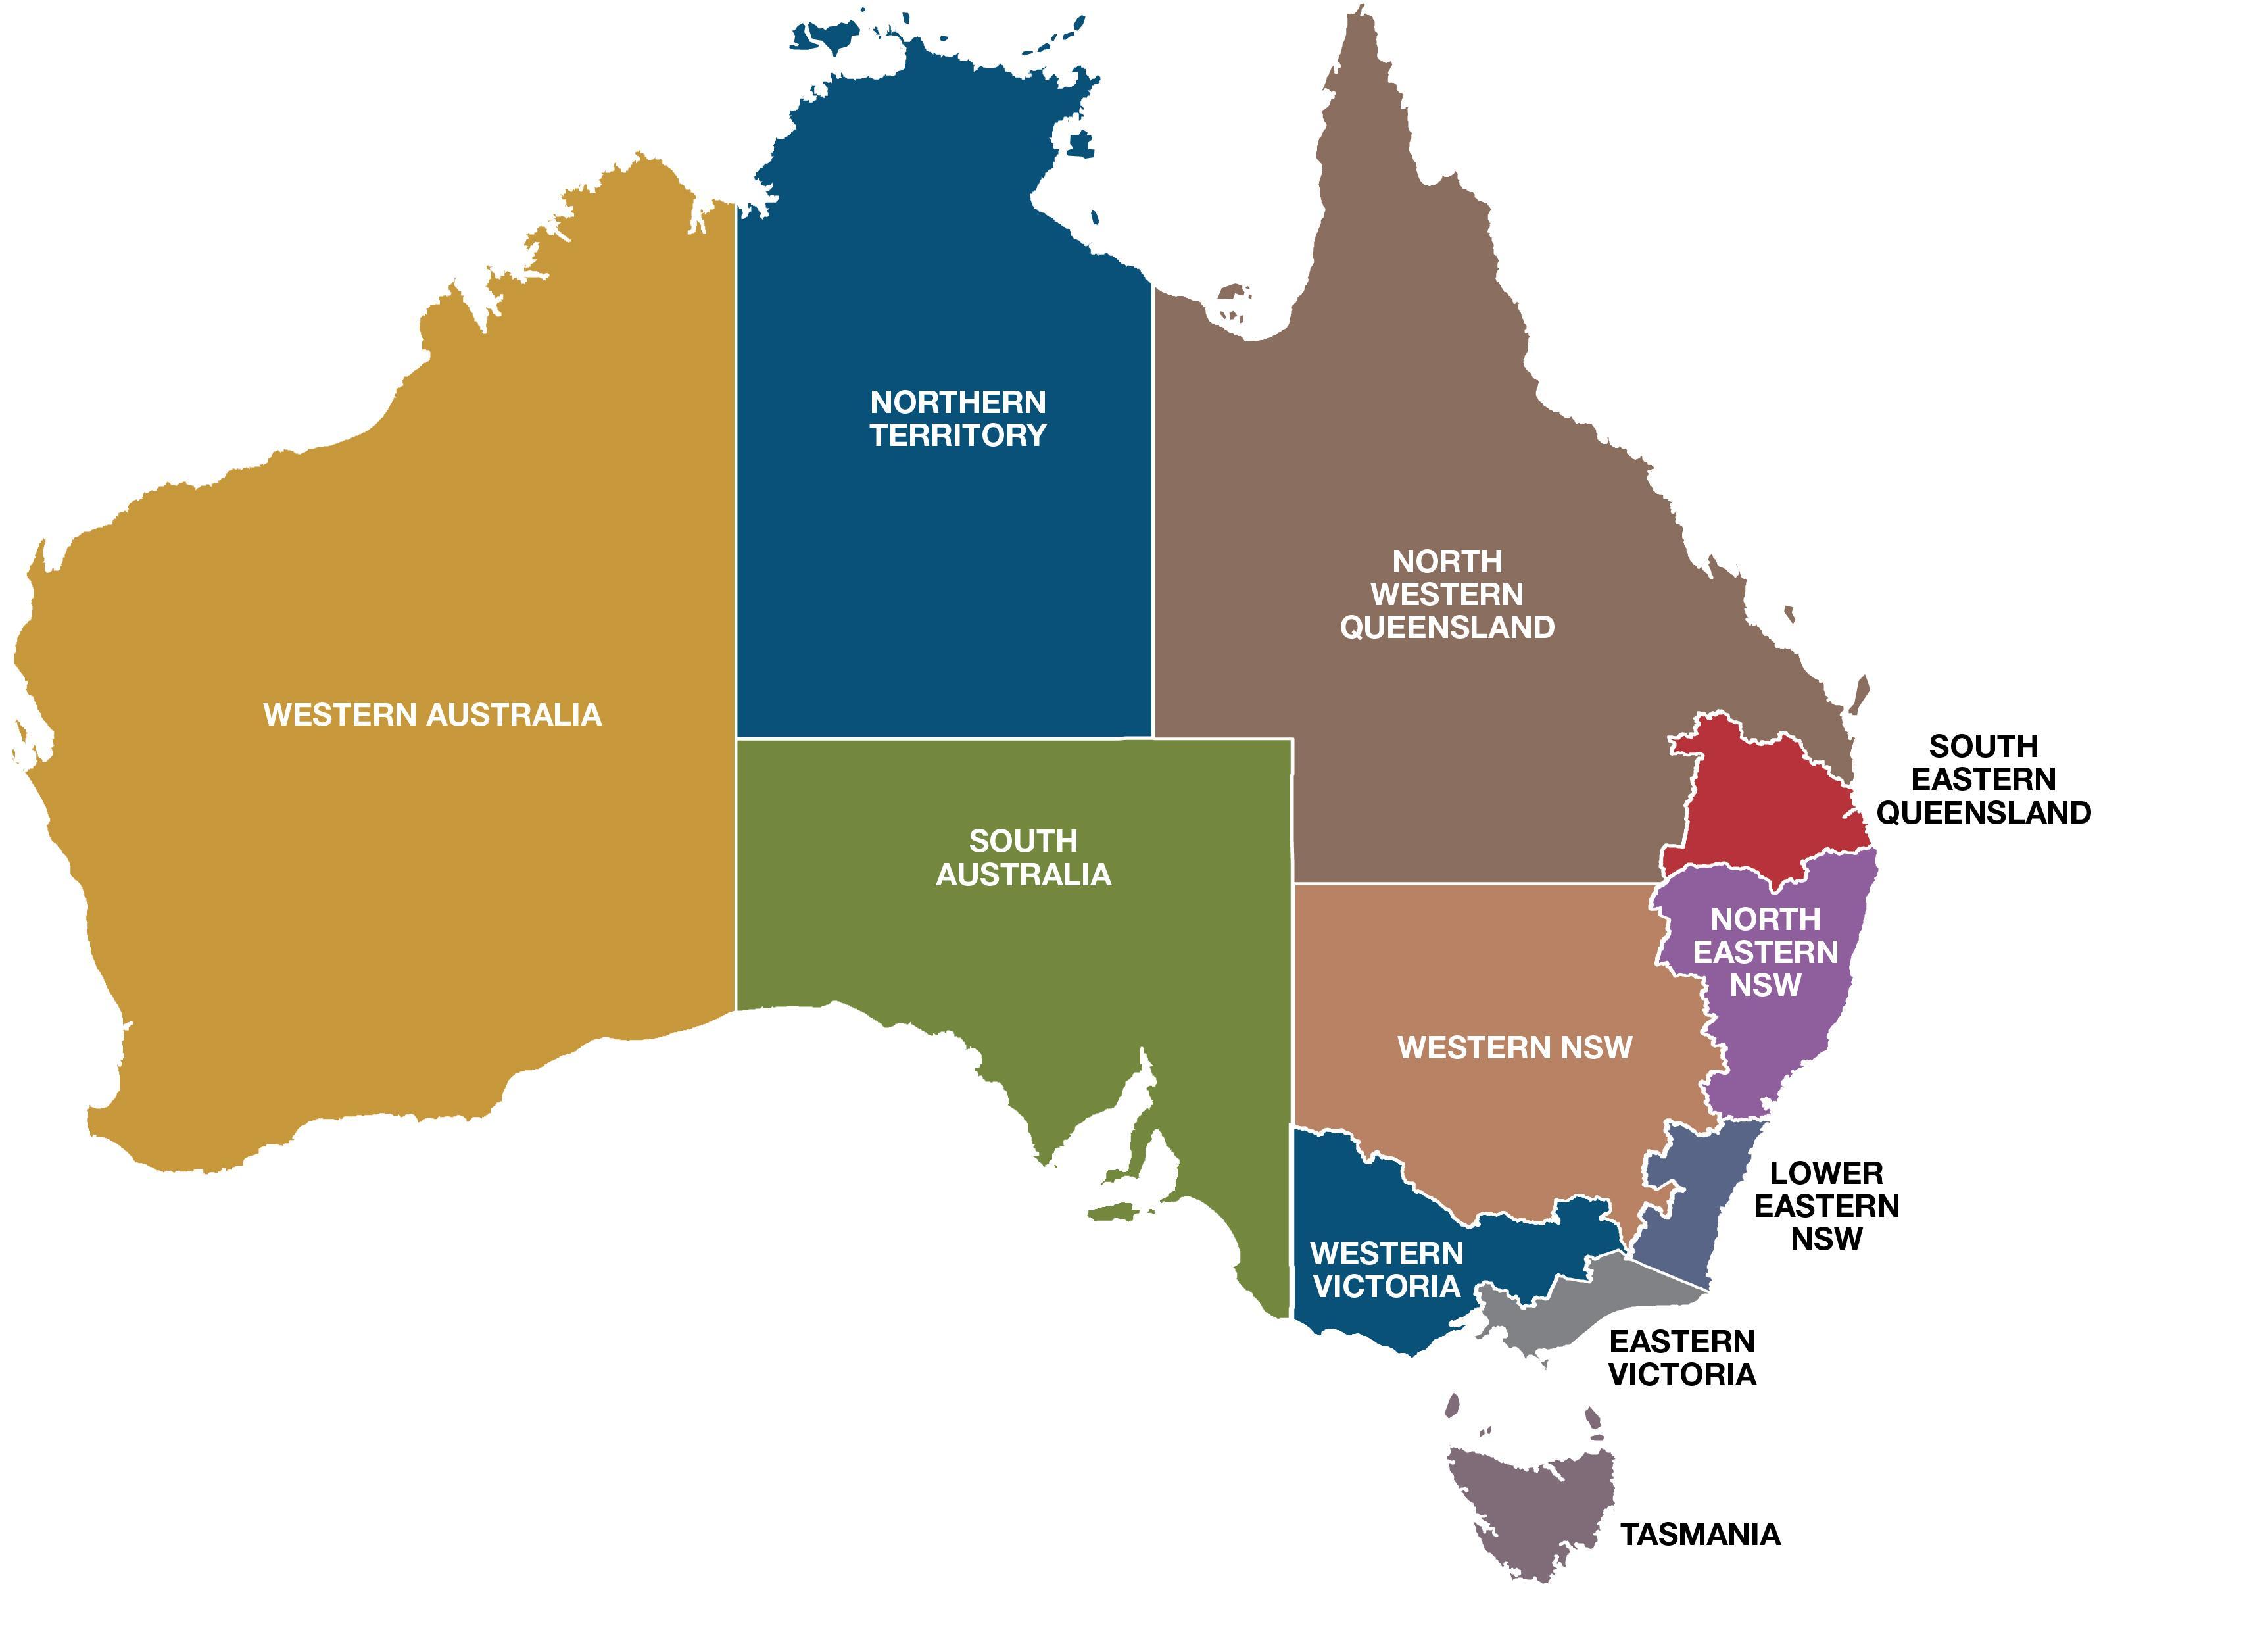 המפה של אוסטרליה אזורים (אוסטרליה